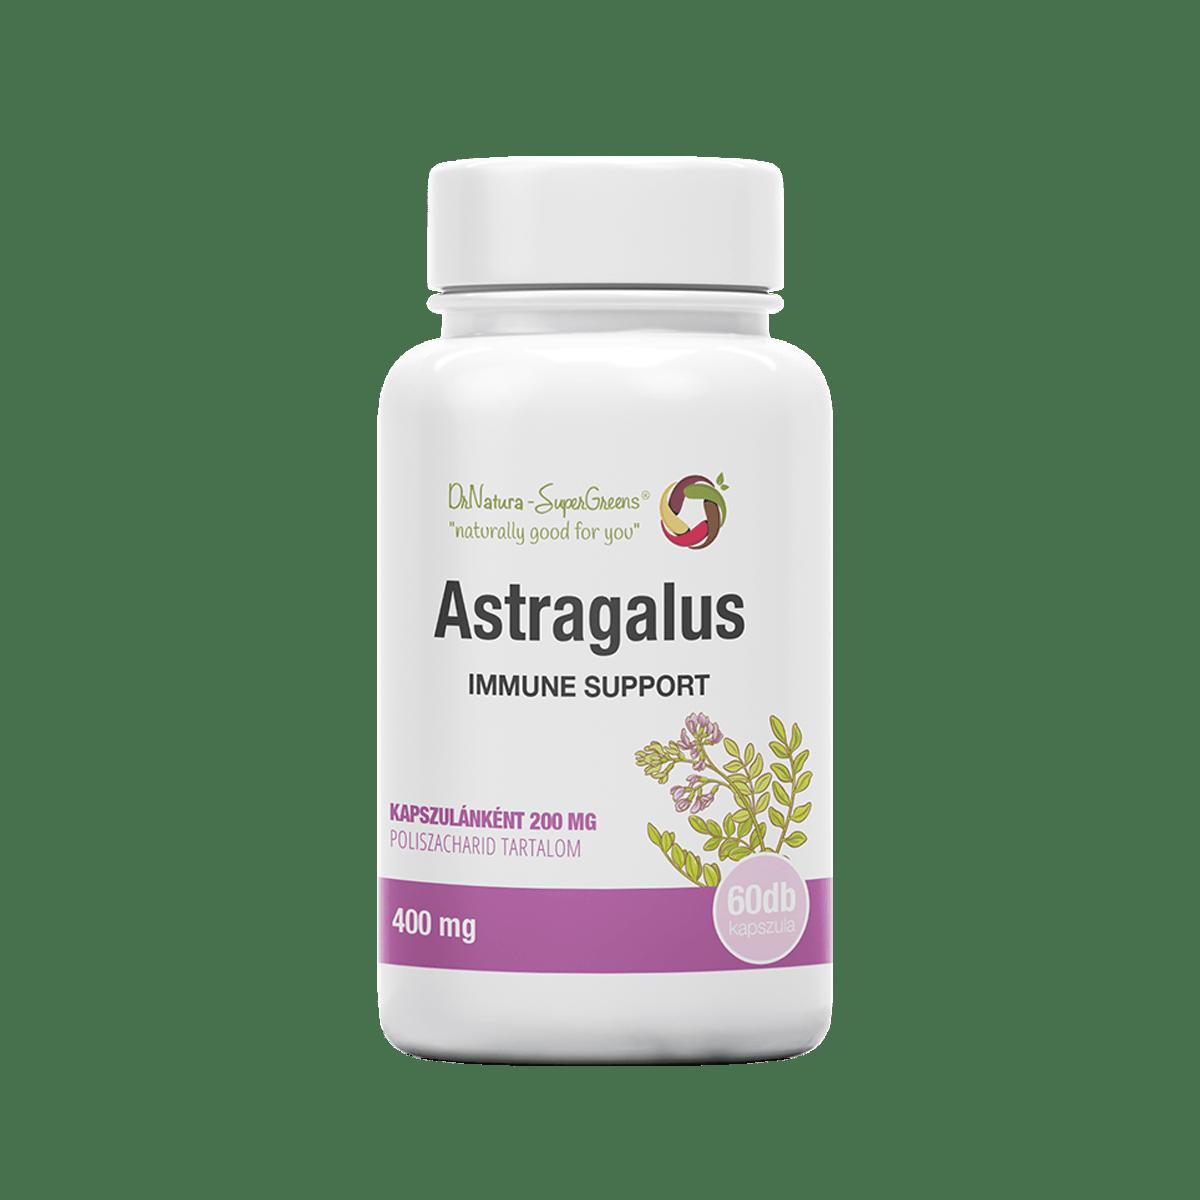 astragalus és magas vérnyomás)